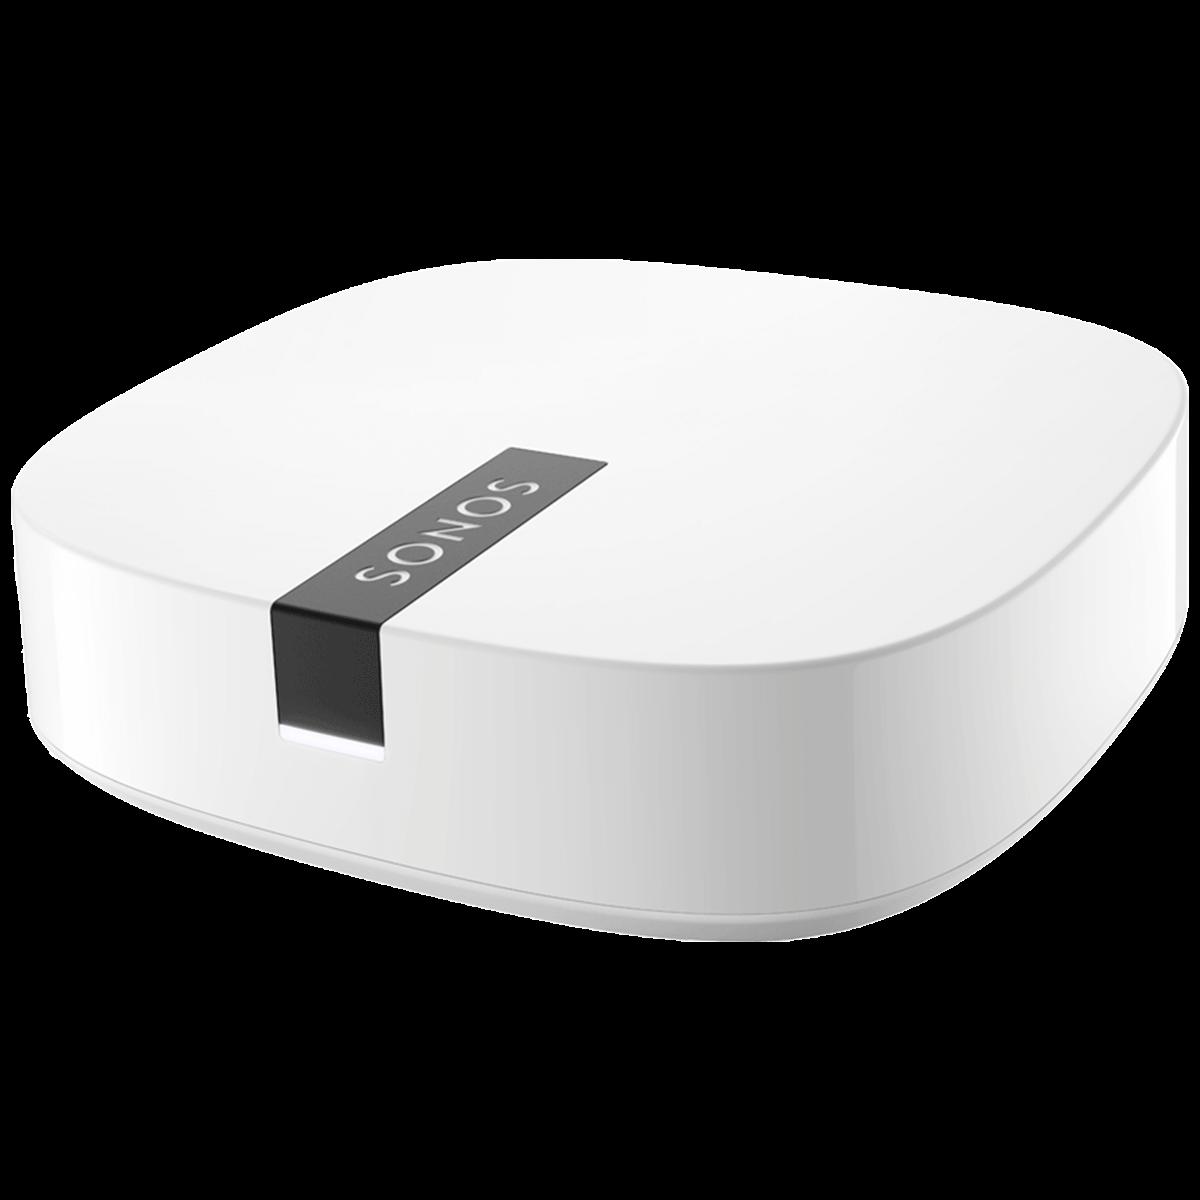 Sonos BOOST I WLAN-Erweiterung für Sonos Smart Speaker System | WLAN-Verstärker